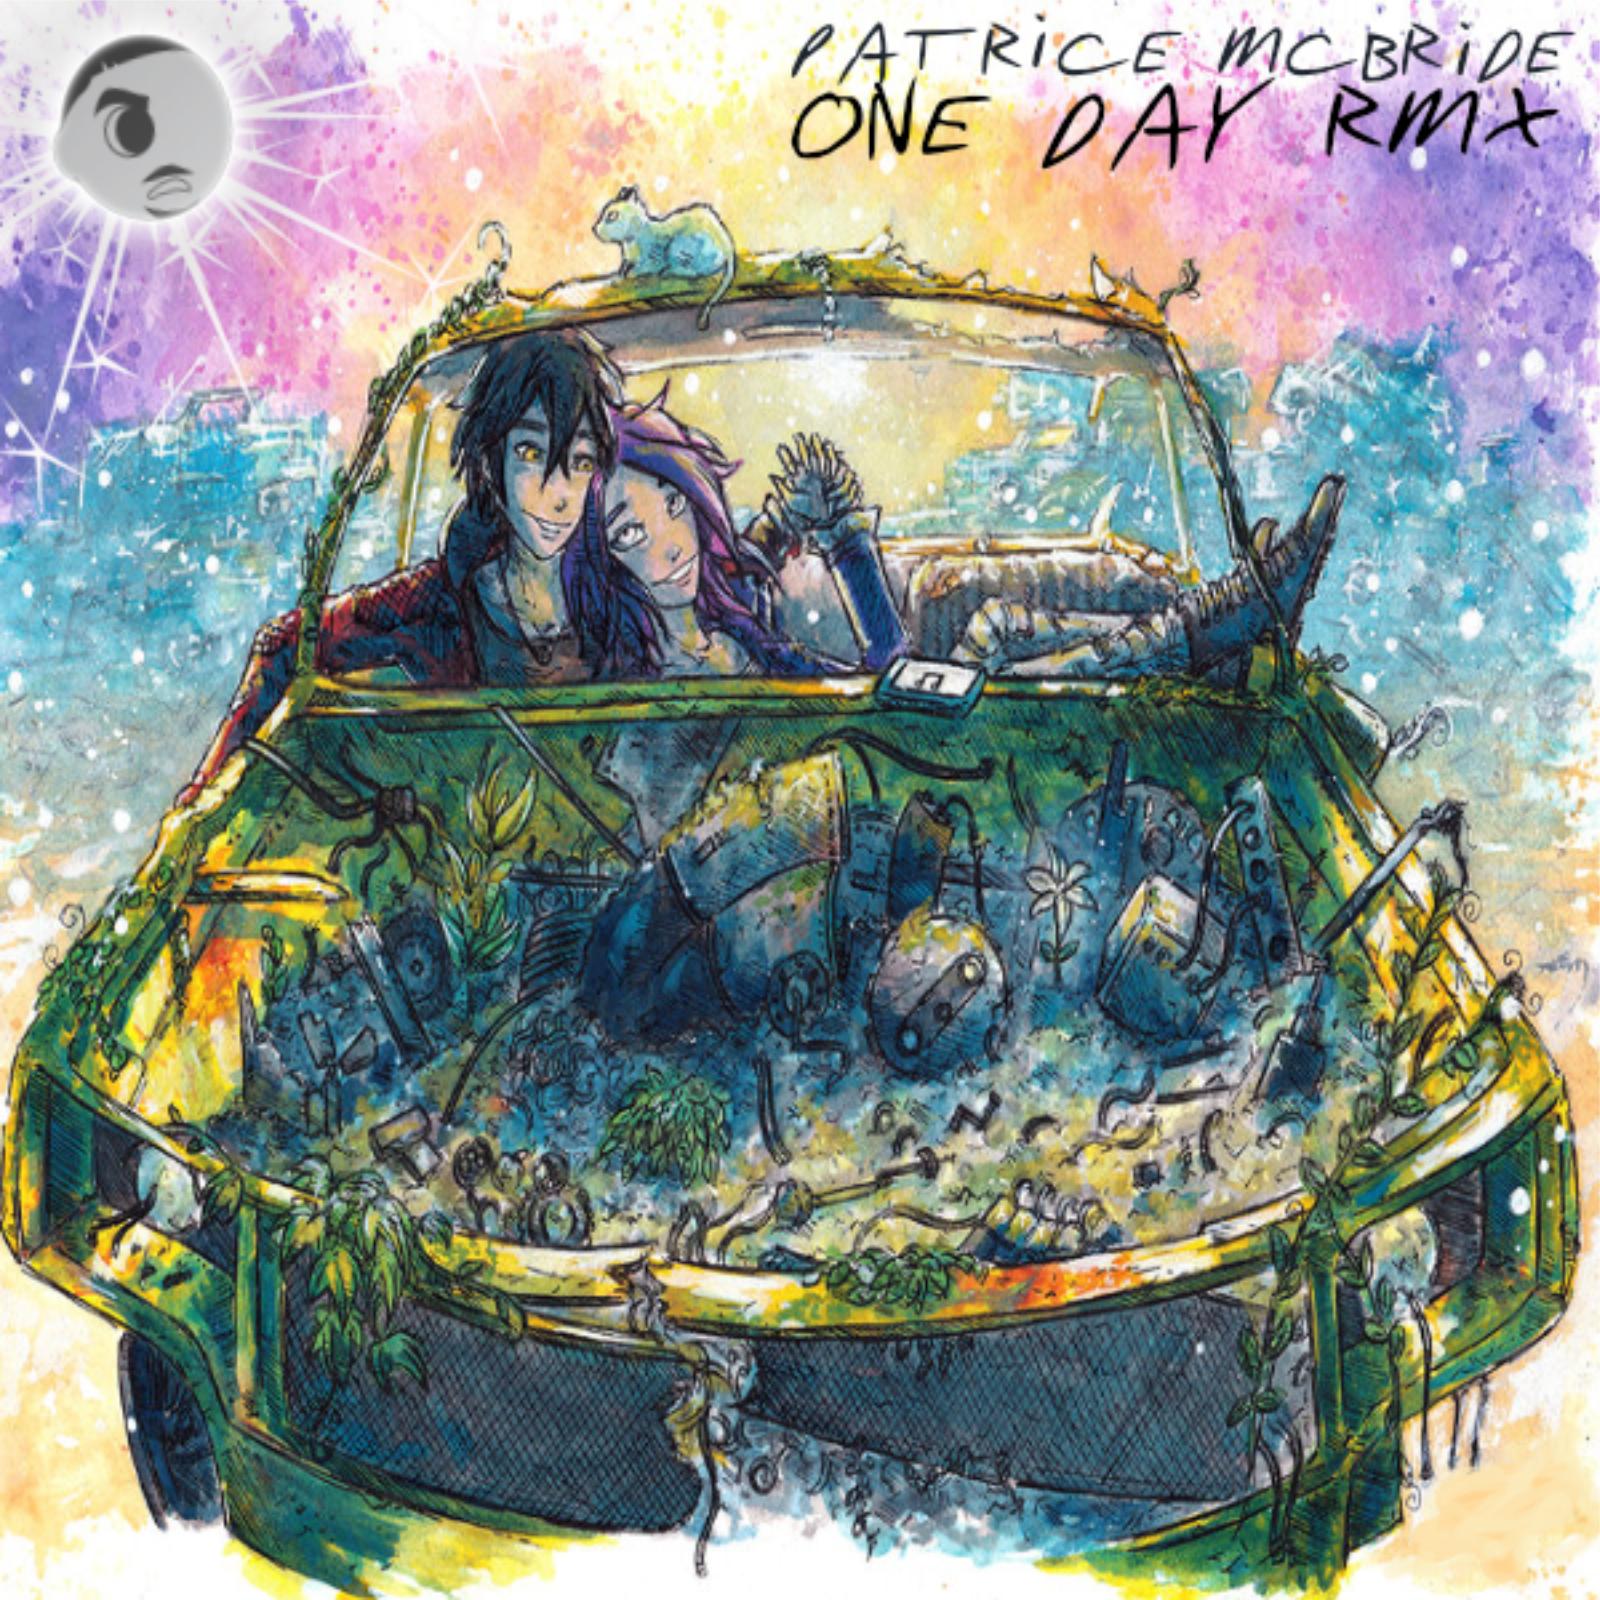 One Day (Patrice McBride Remix)